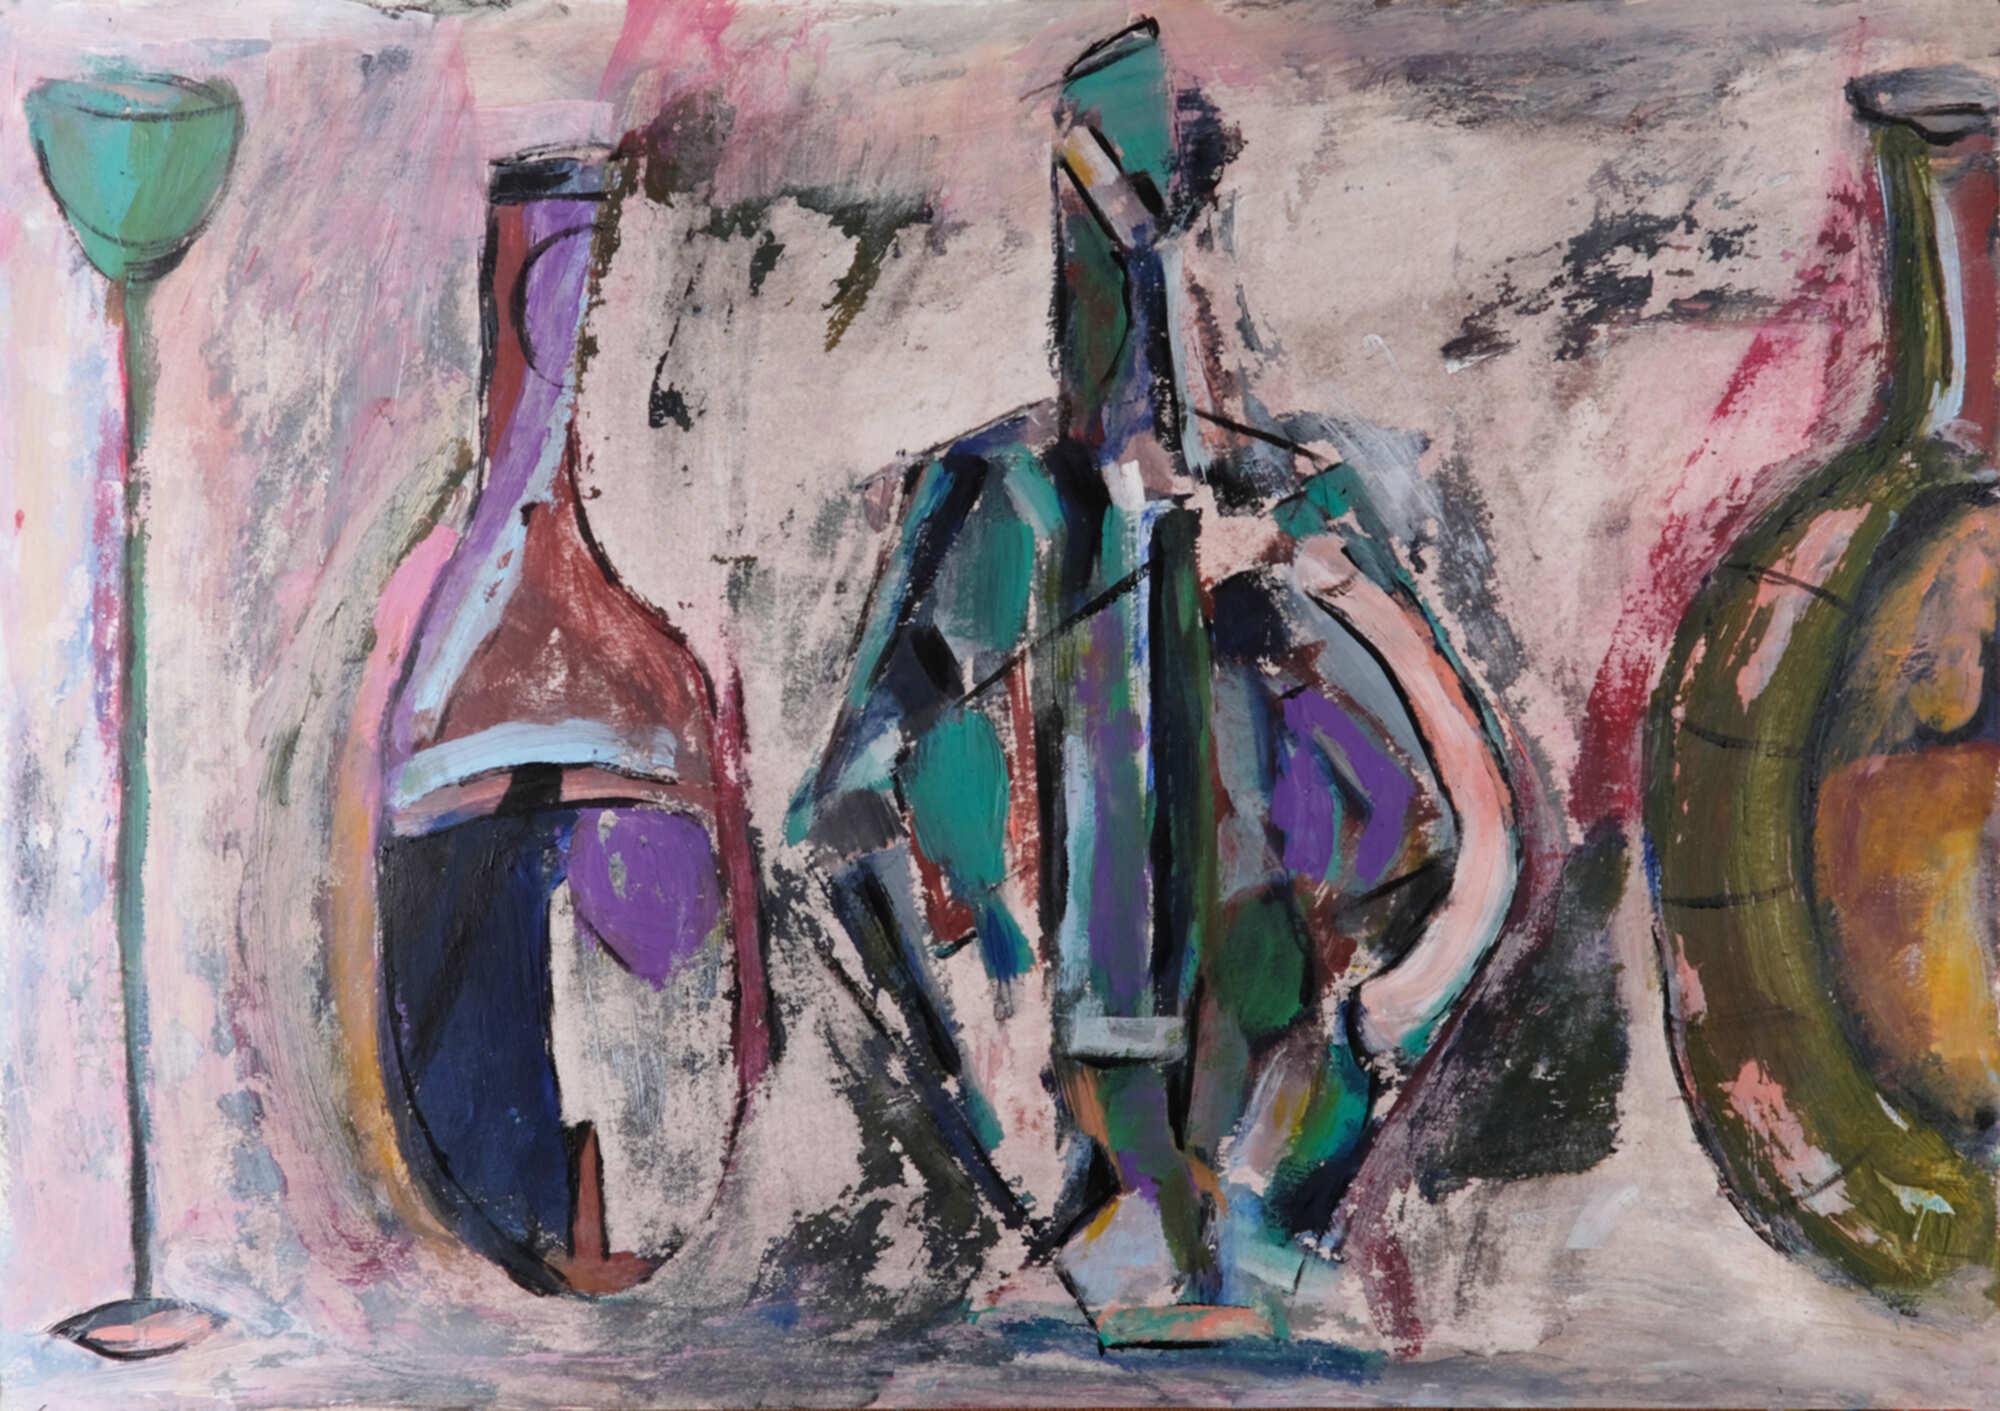 Современный живописный натюрморт с бутылками